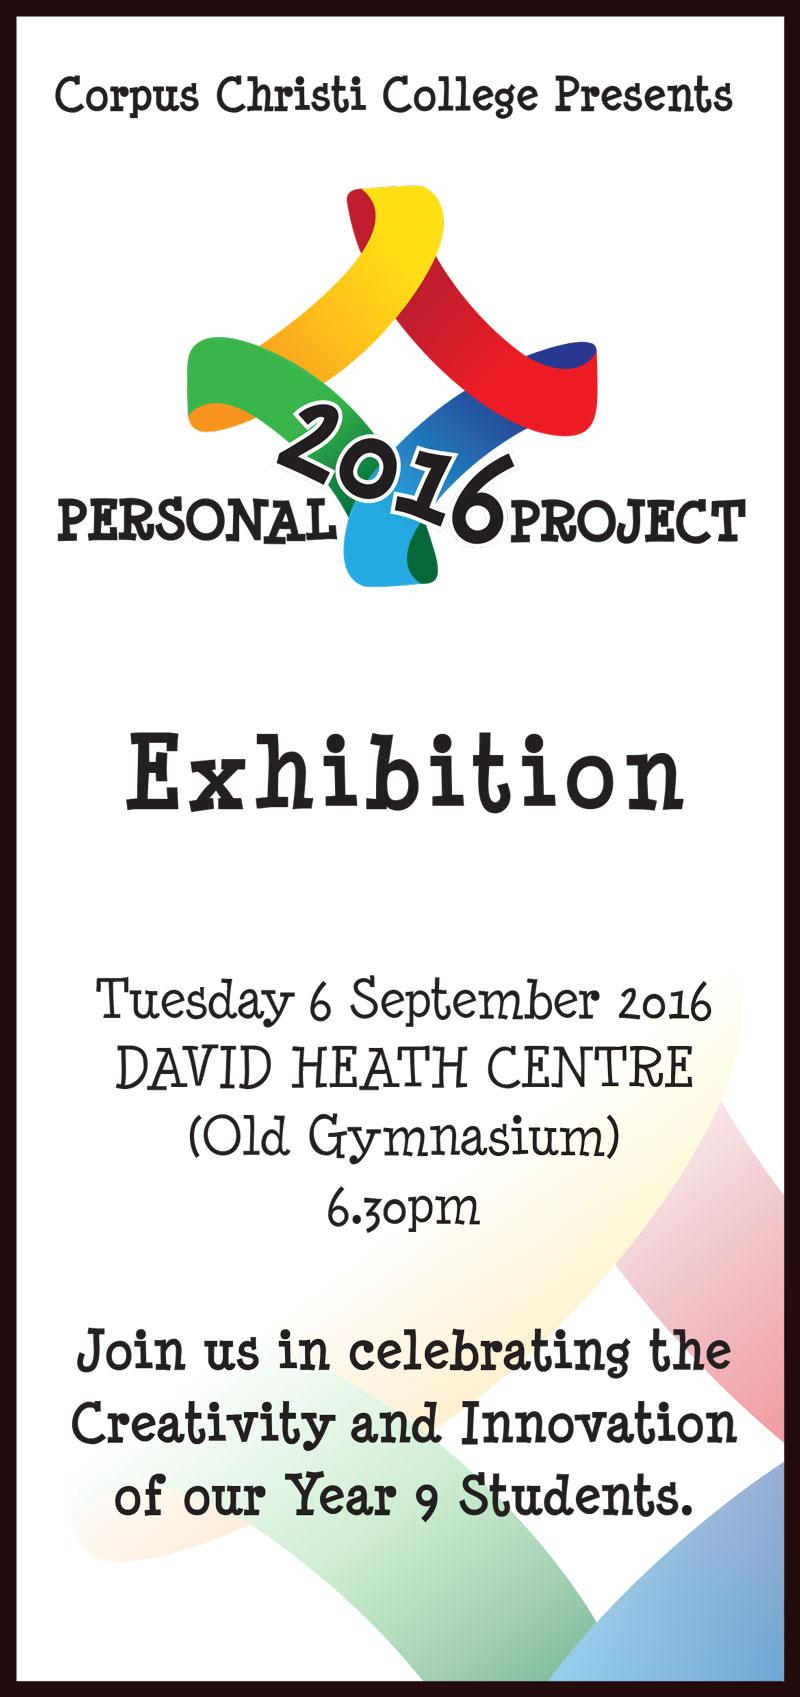 Personal-Project-2014_Invite-e